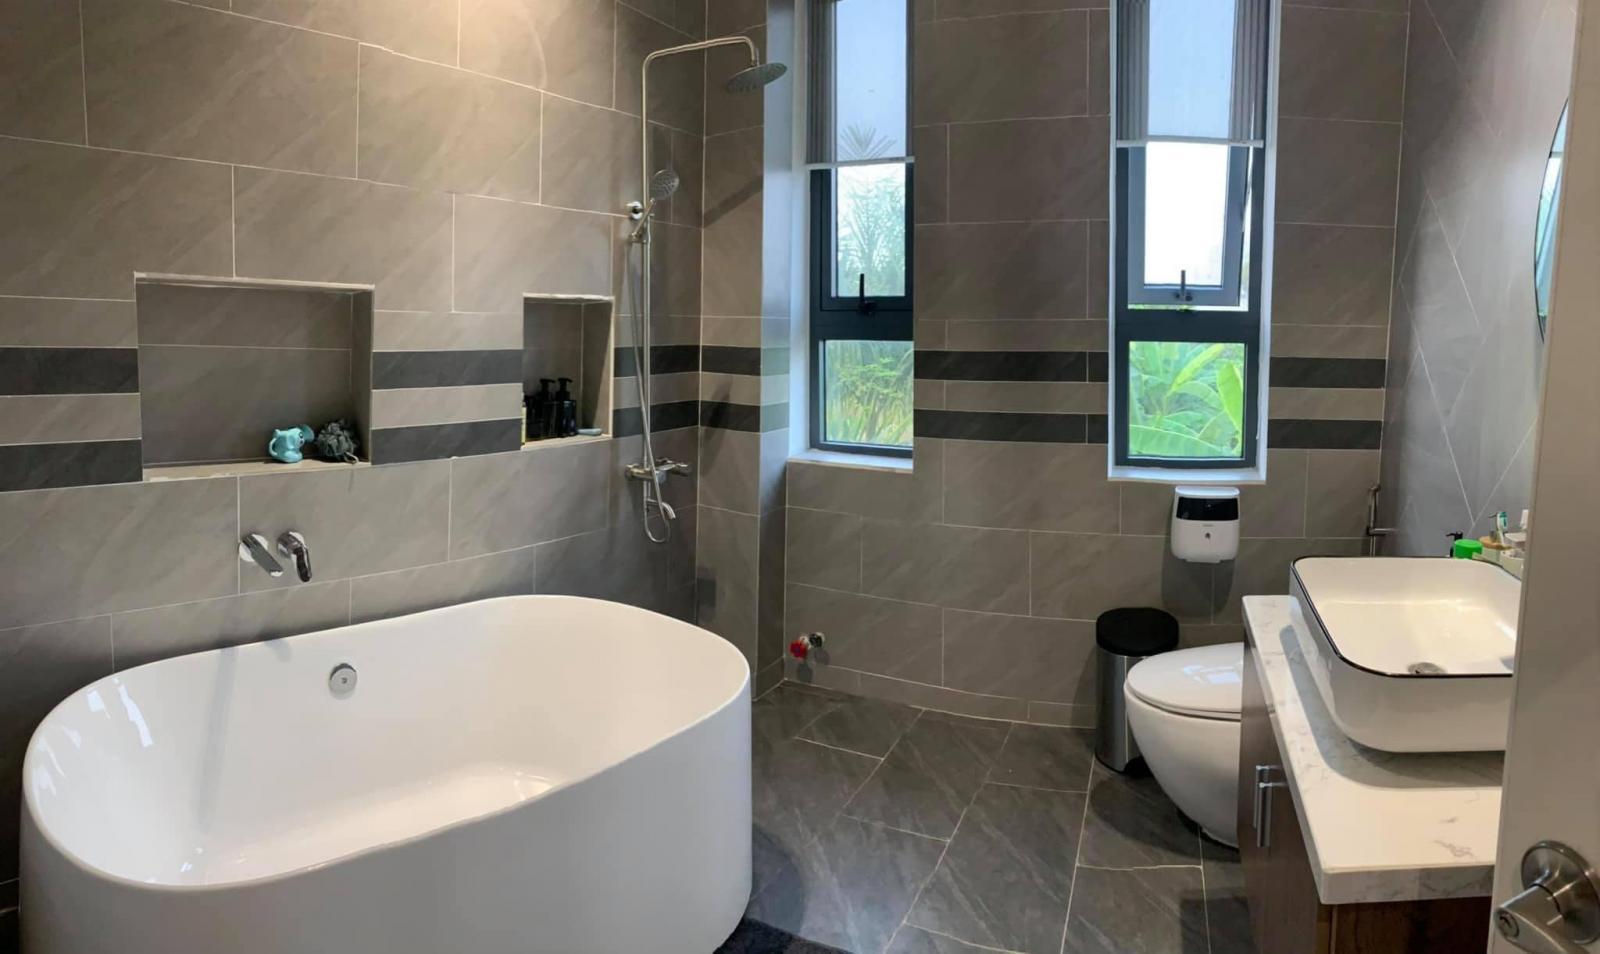 Phòng tắm thông thoáng nhờ cửa sổ, không cần dùng đến quạt thông gió.